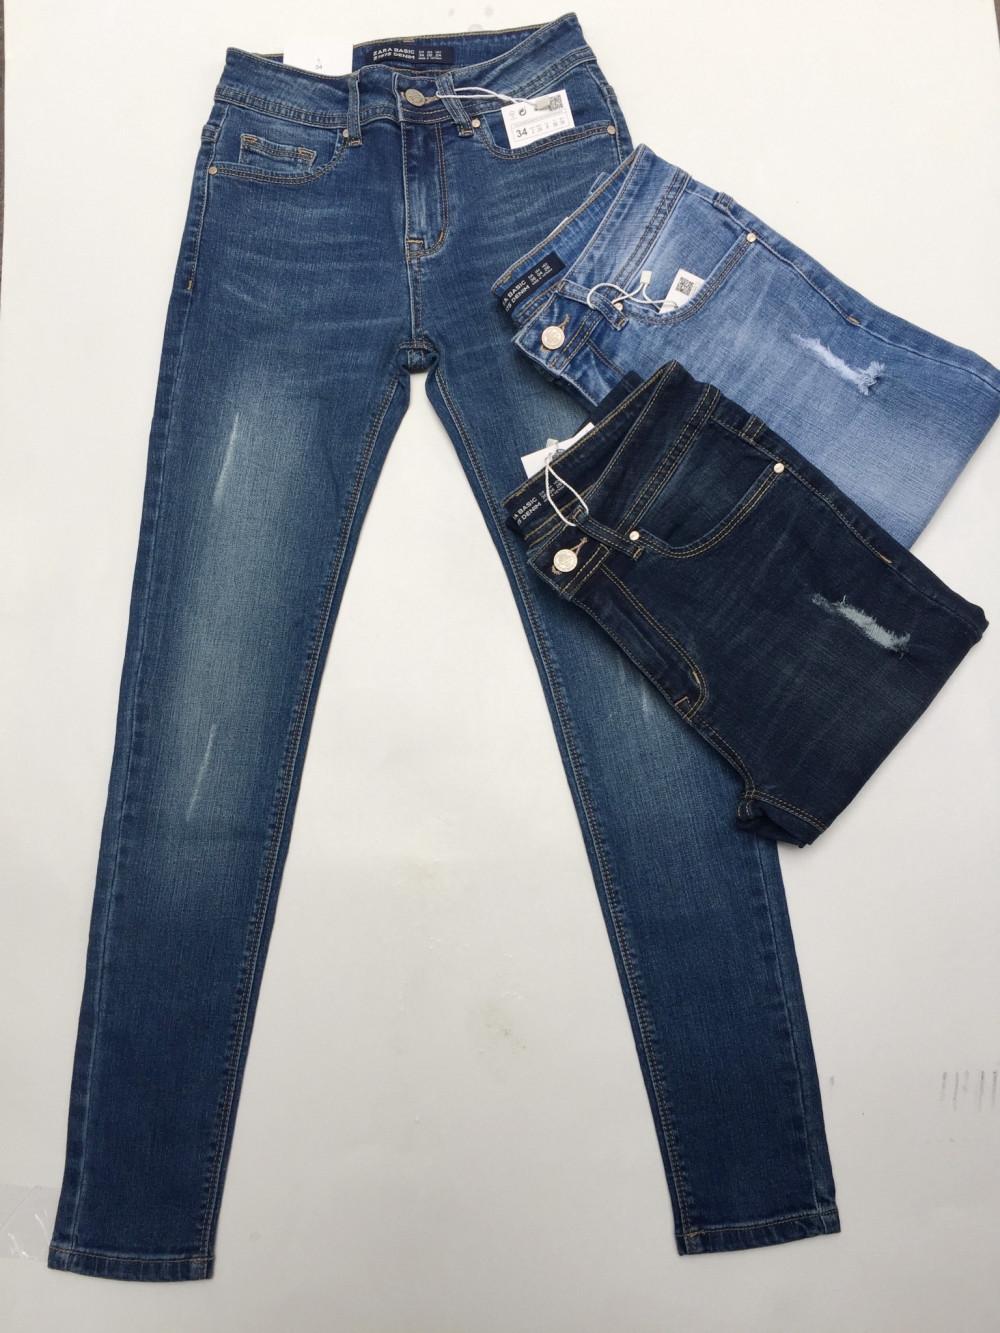 Xưởng bỏ sỉ quần jean nữ uy tín tphcm - 7